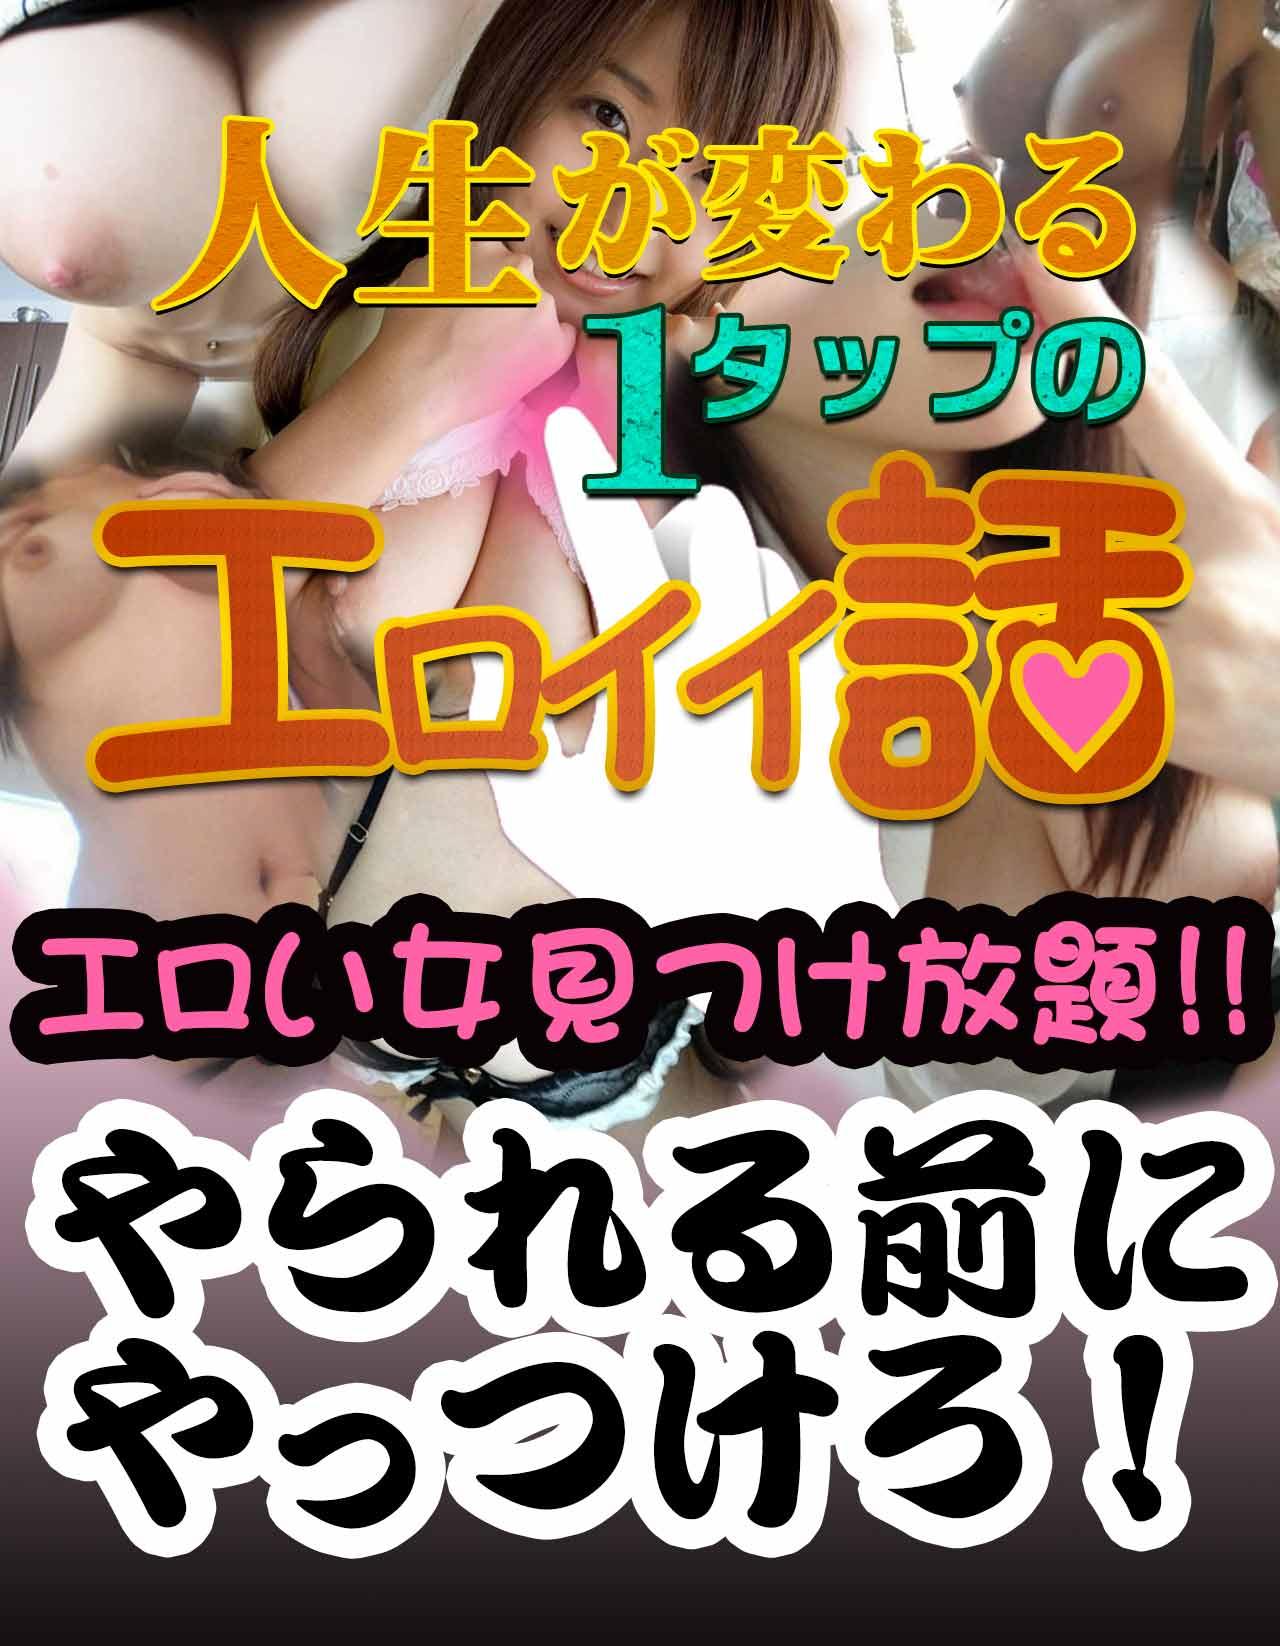 アプリでセフレGET!出会えるアプリ 人生が変わる1タップのエロイイ話エロい女を見つけ放題!!